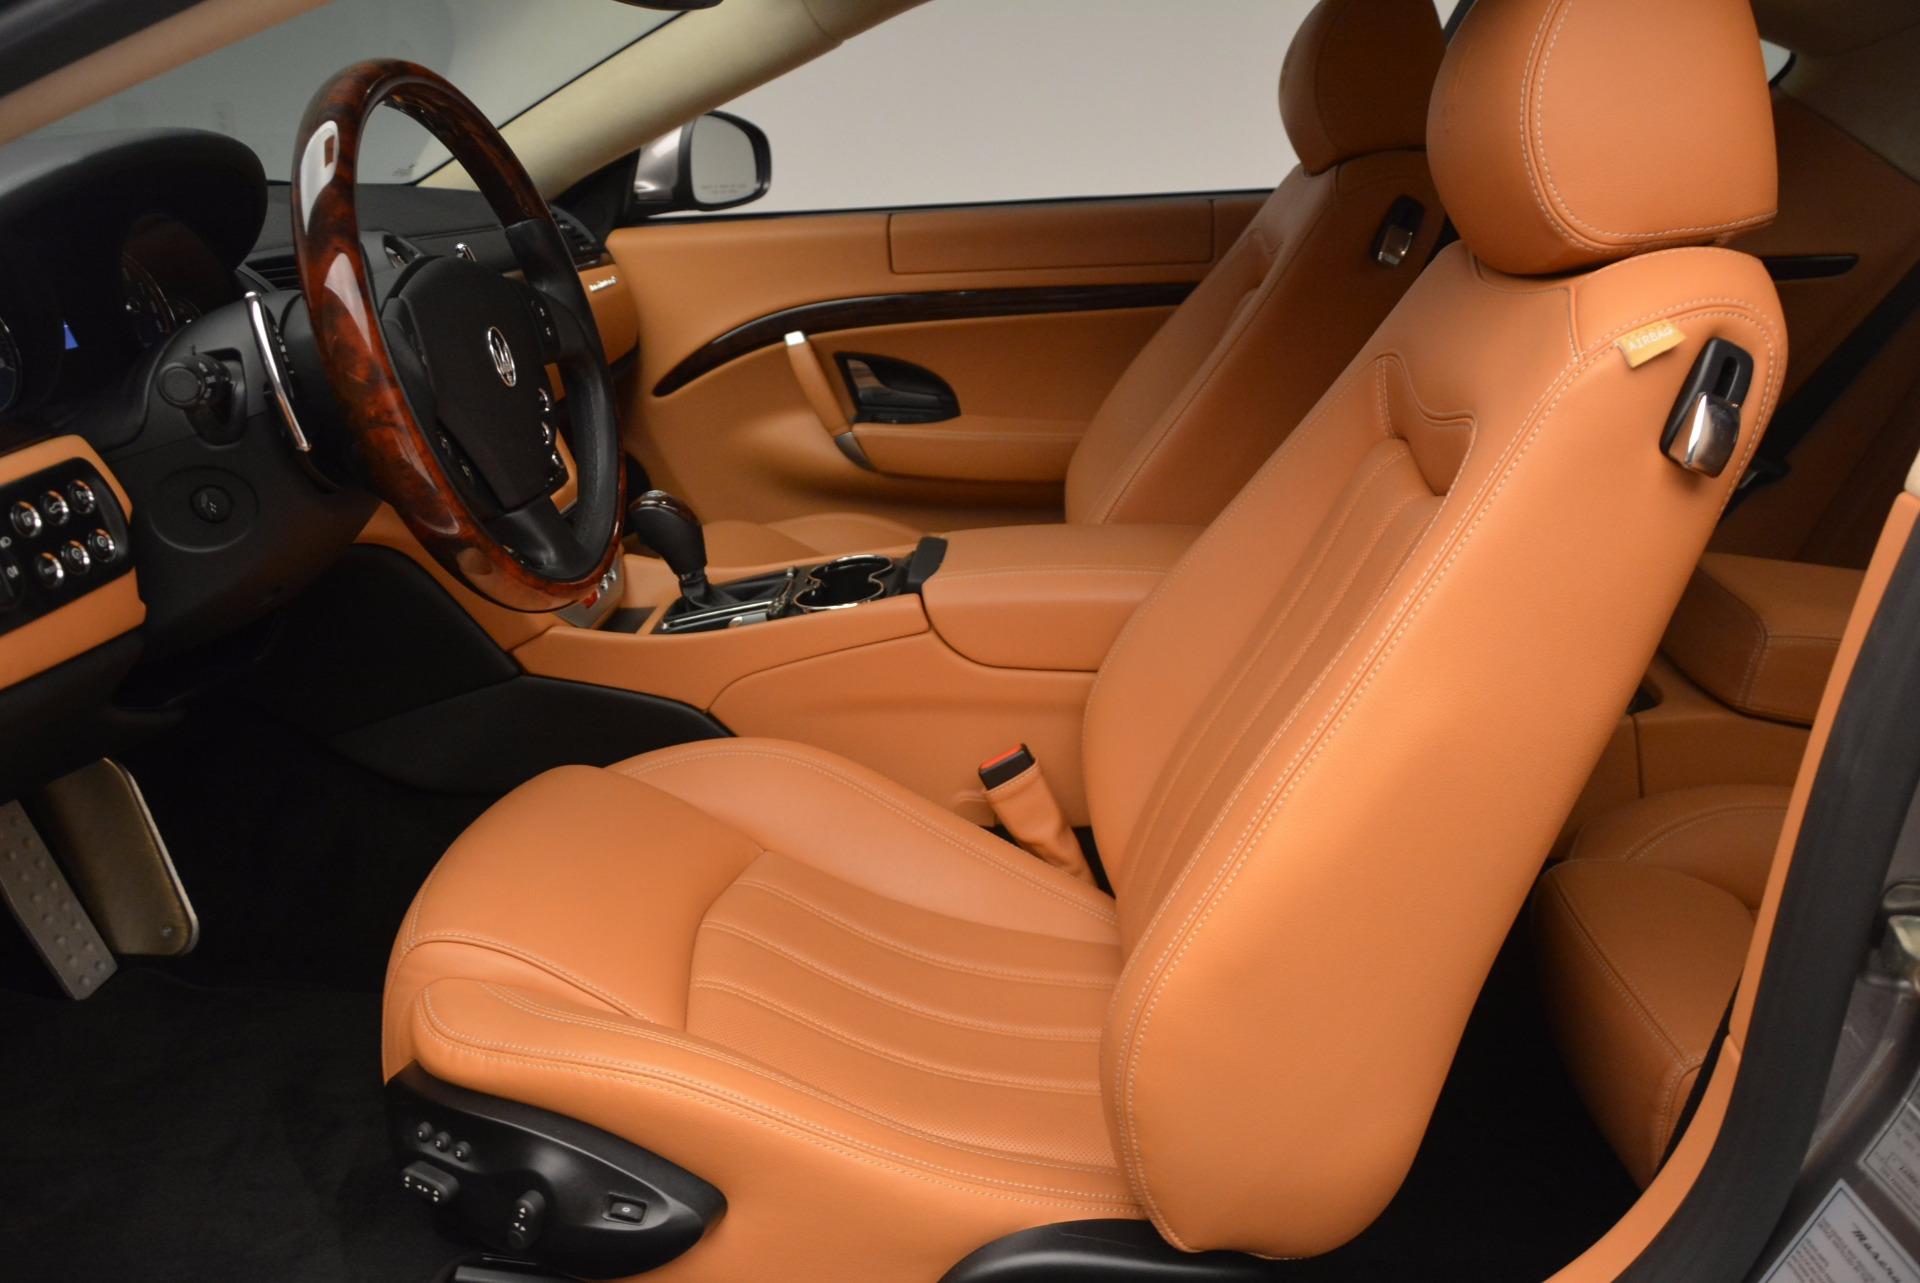 Used 2009 Maserati GranTurismo S For Sale In Greenwich, CT. Alfa Romeo of Greenwich, 7178 1063_p14